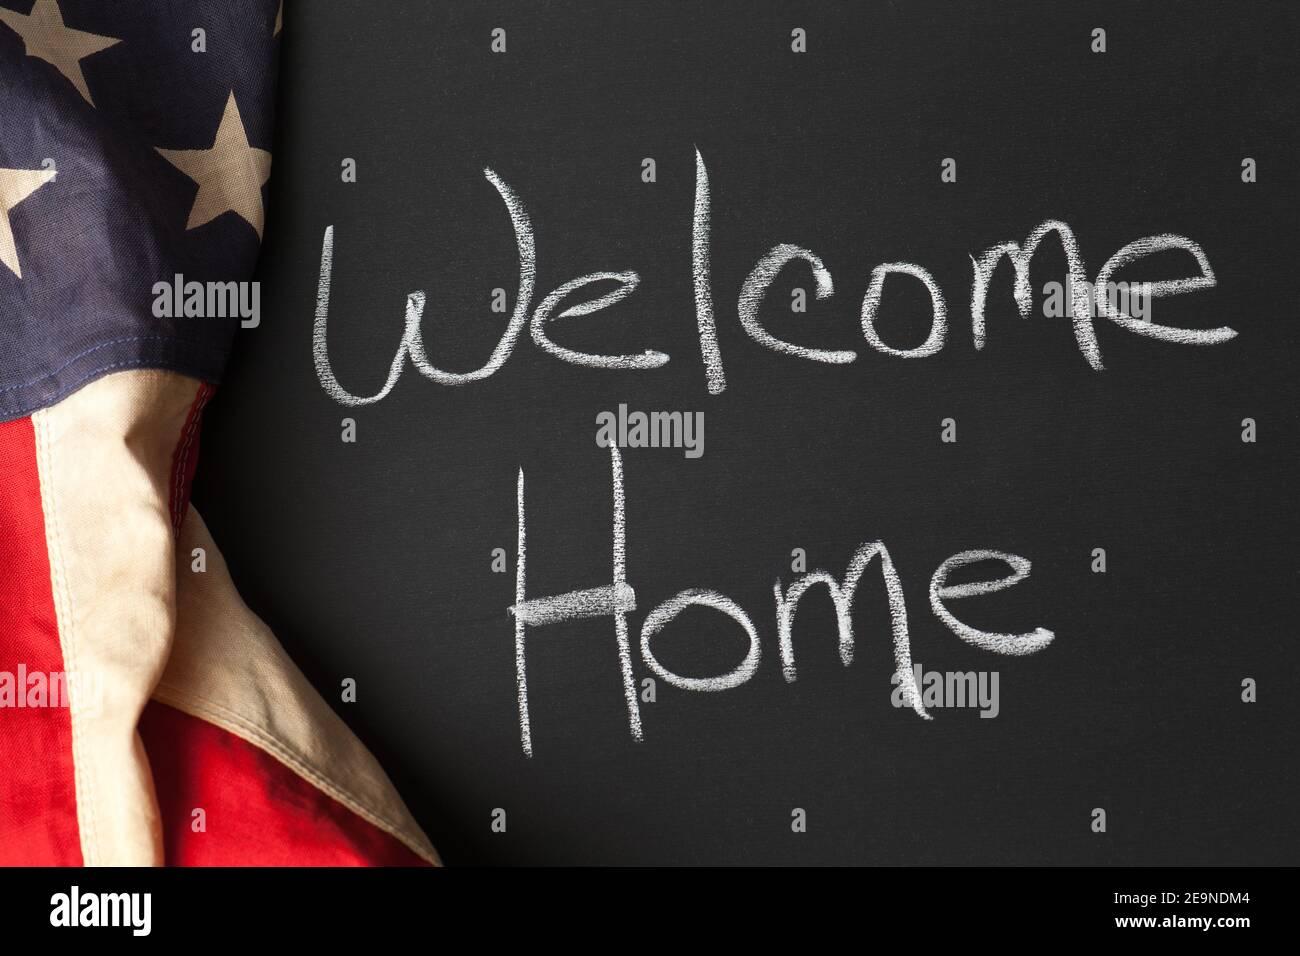 Accueil maison écrit sur un tableau noir avec drapeau américain vintage Banque D'Images